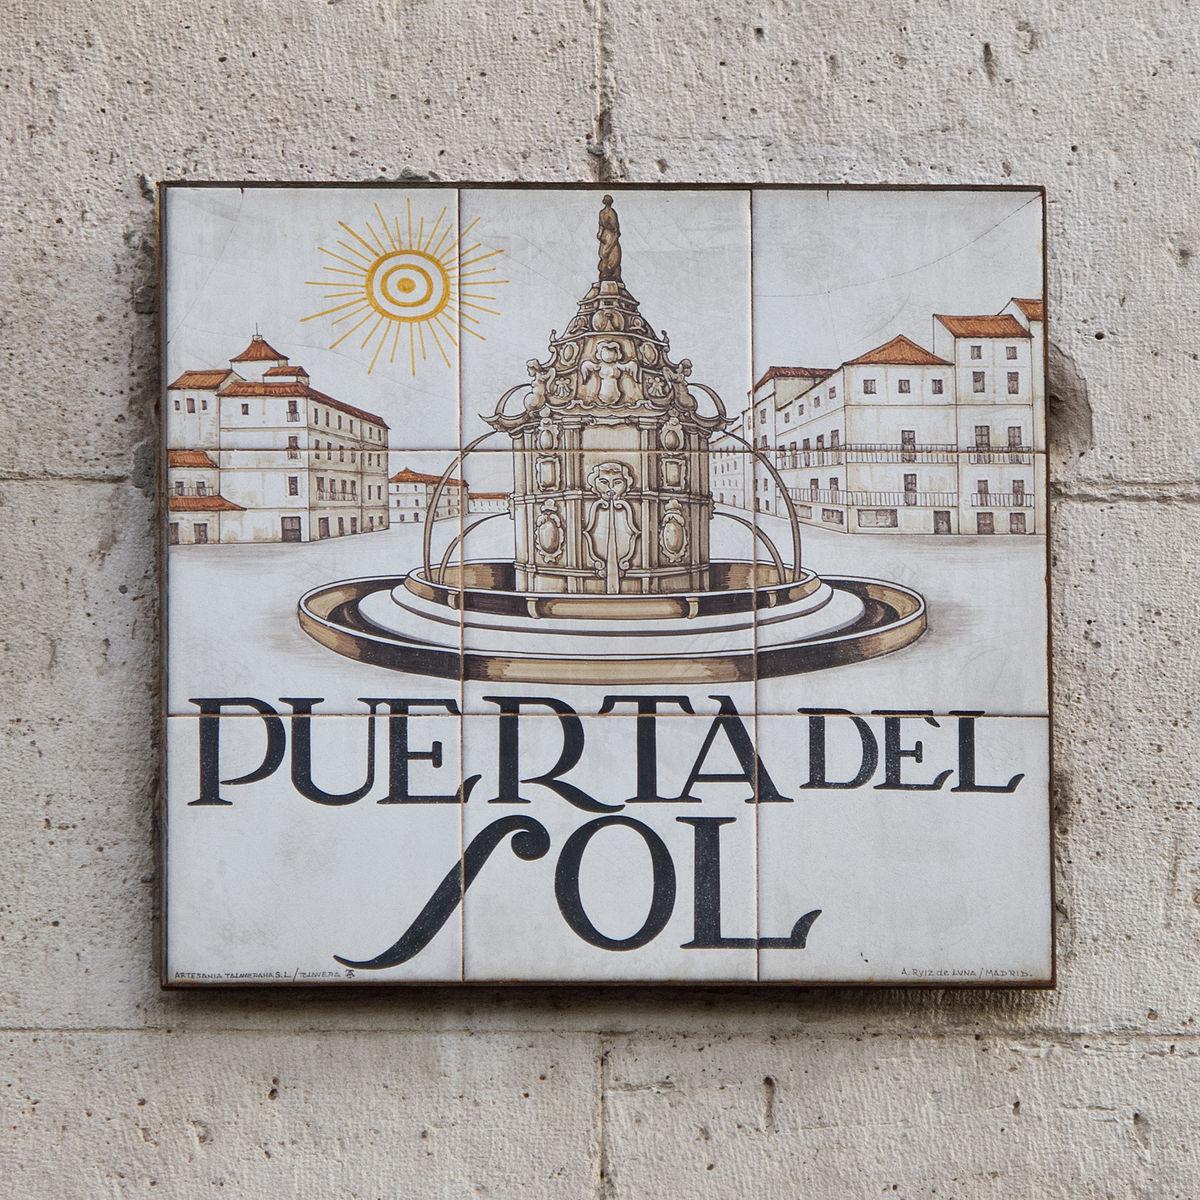 Puerta Del Sol Wikipedia